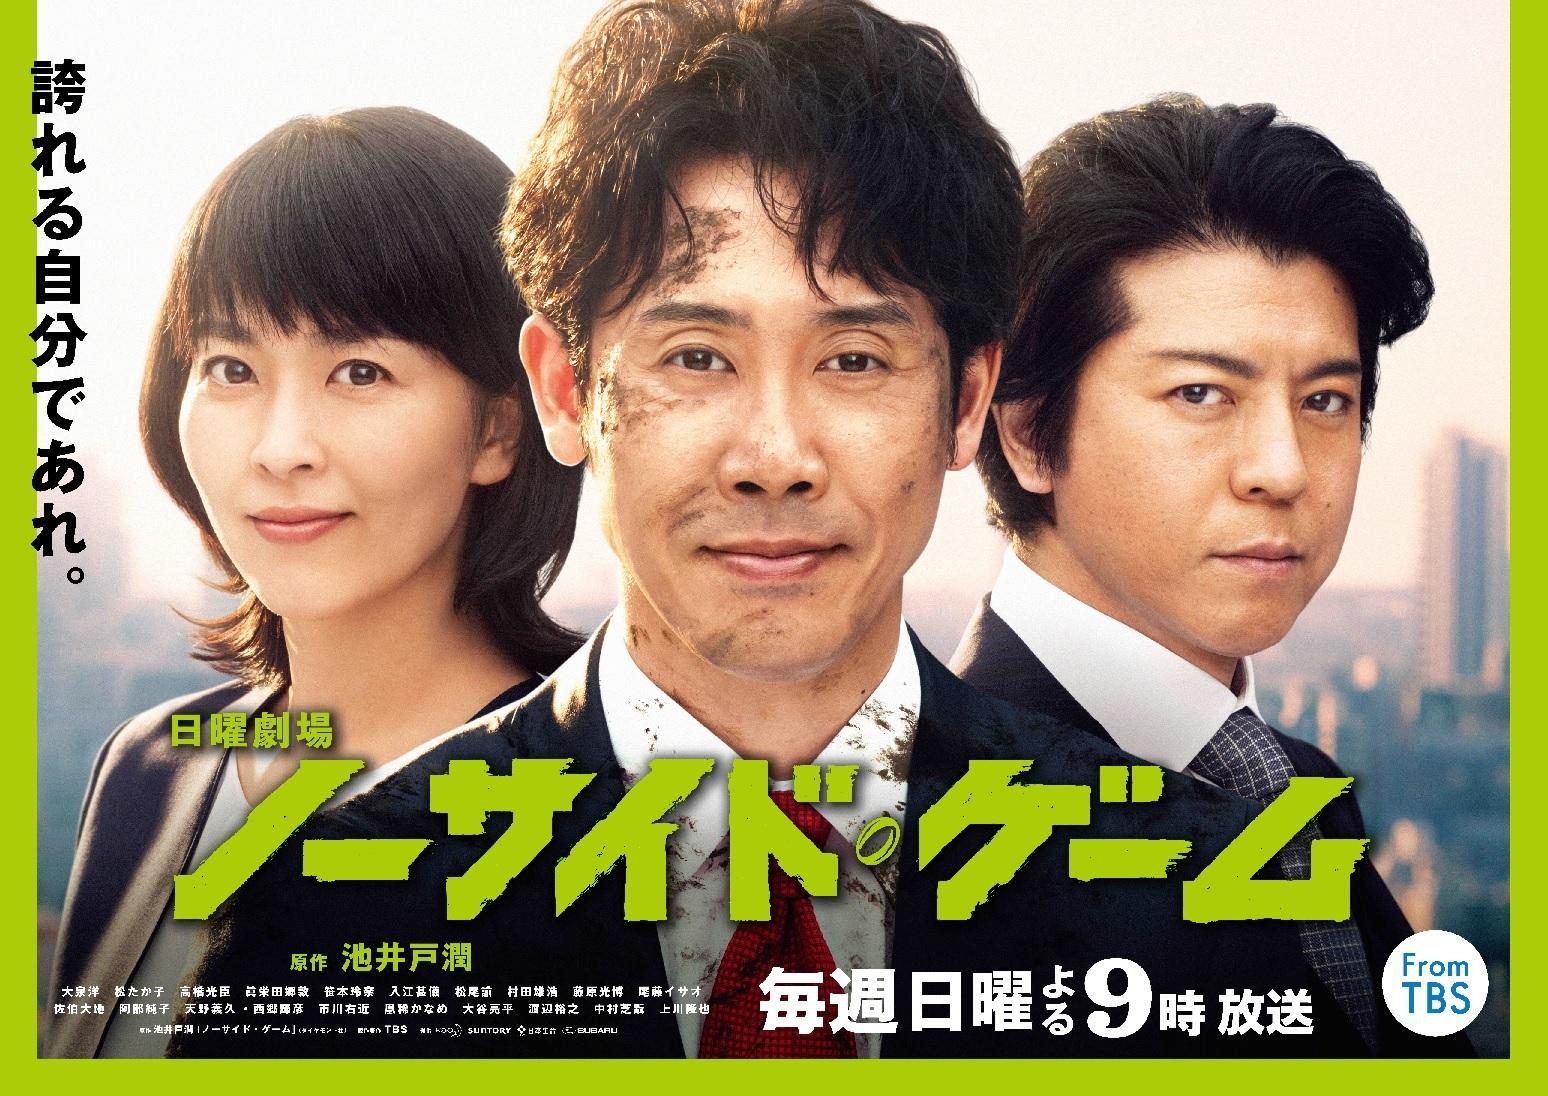 日曜劇場『ノーサイド・ゲーム』(TBS系)